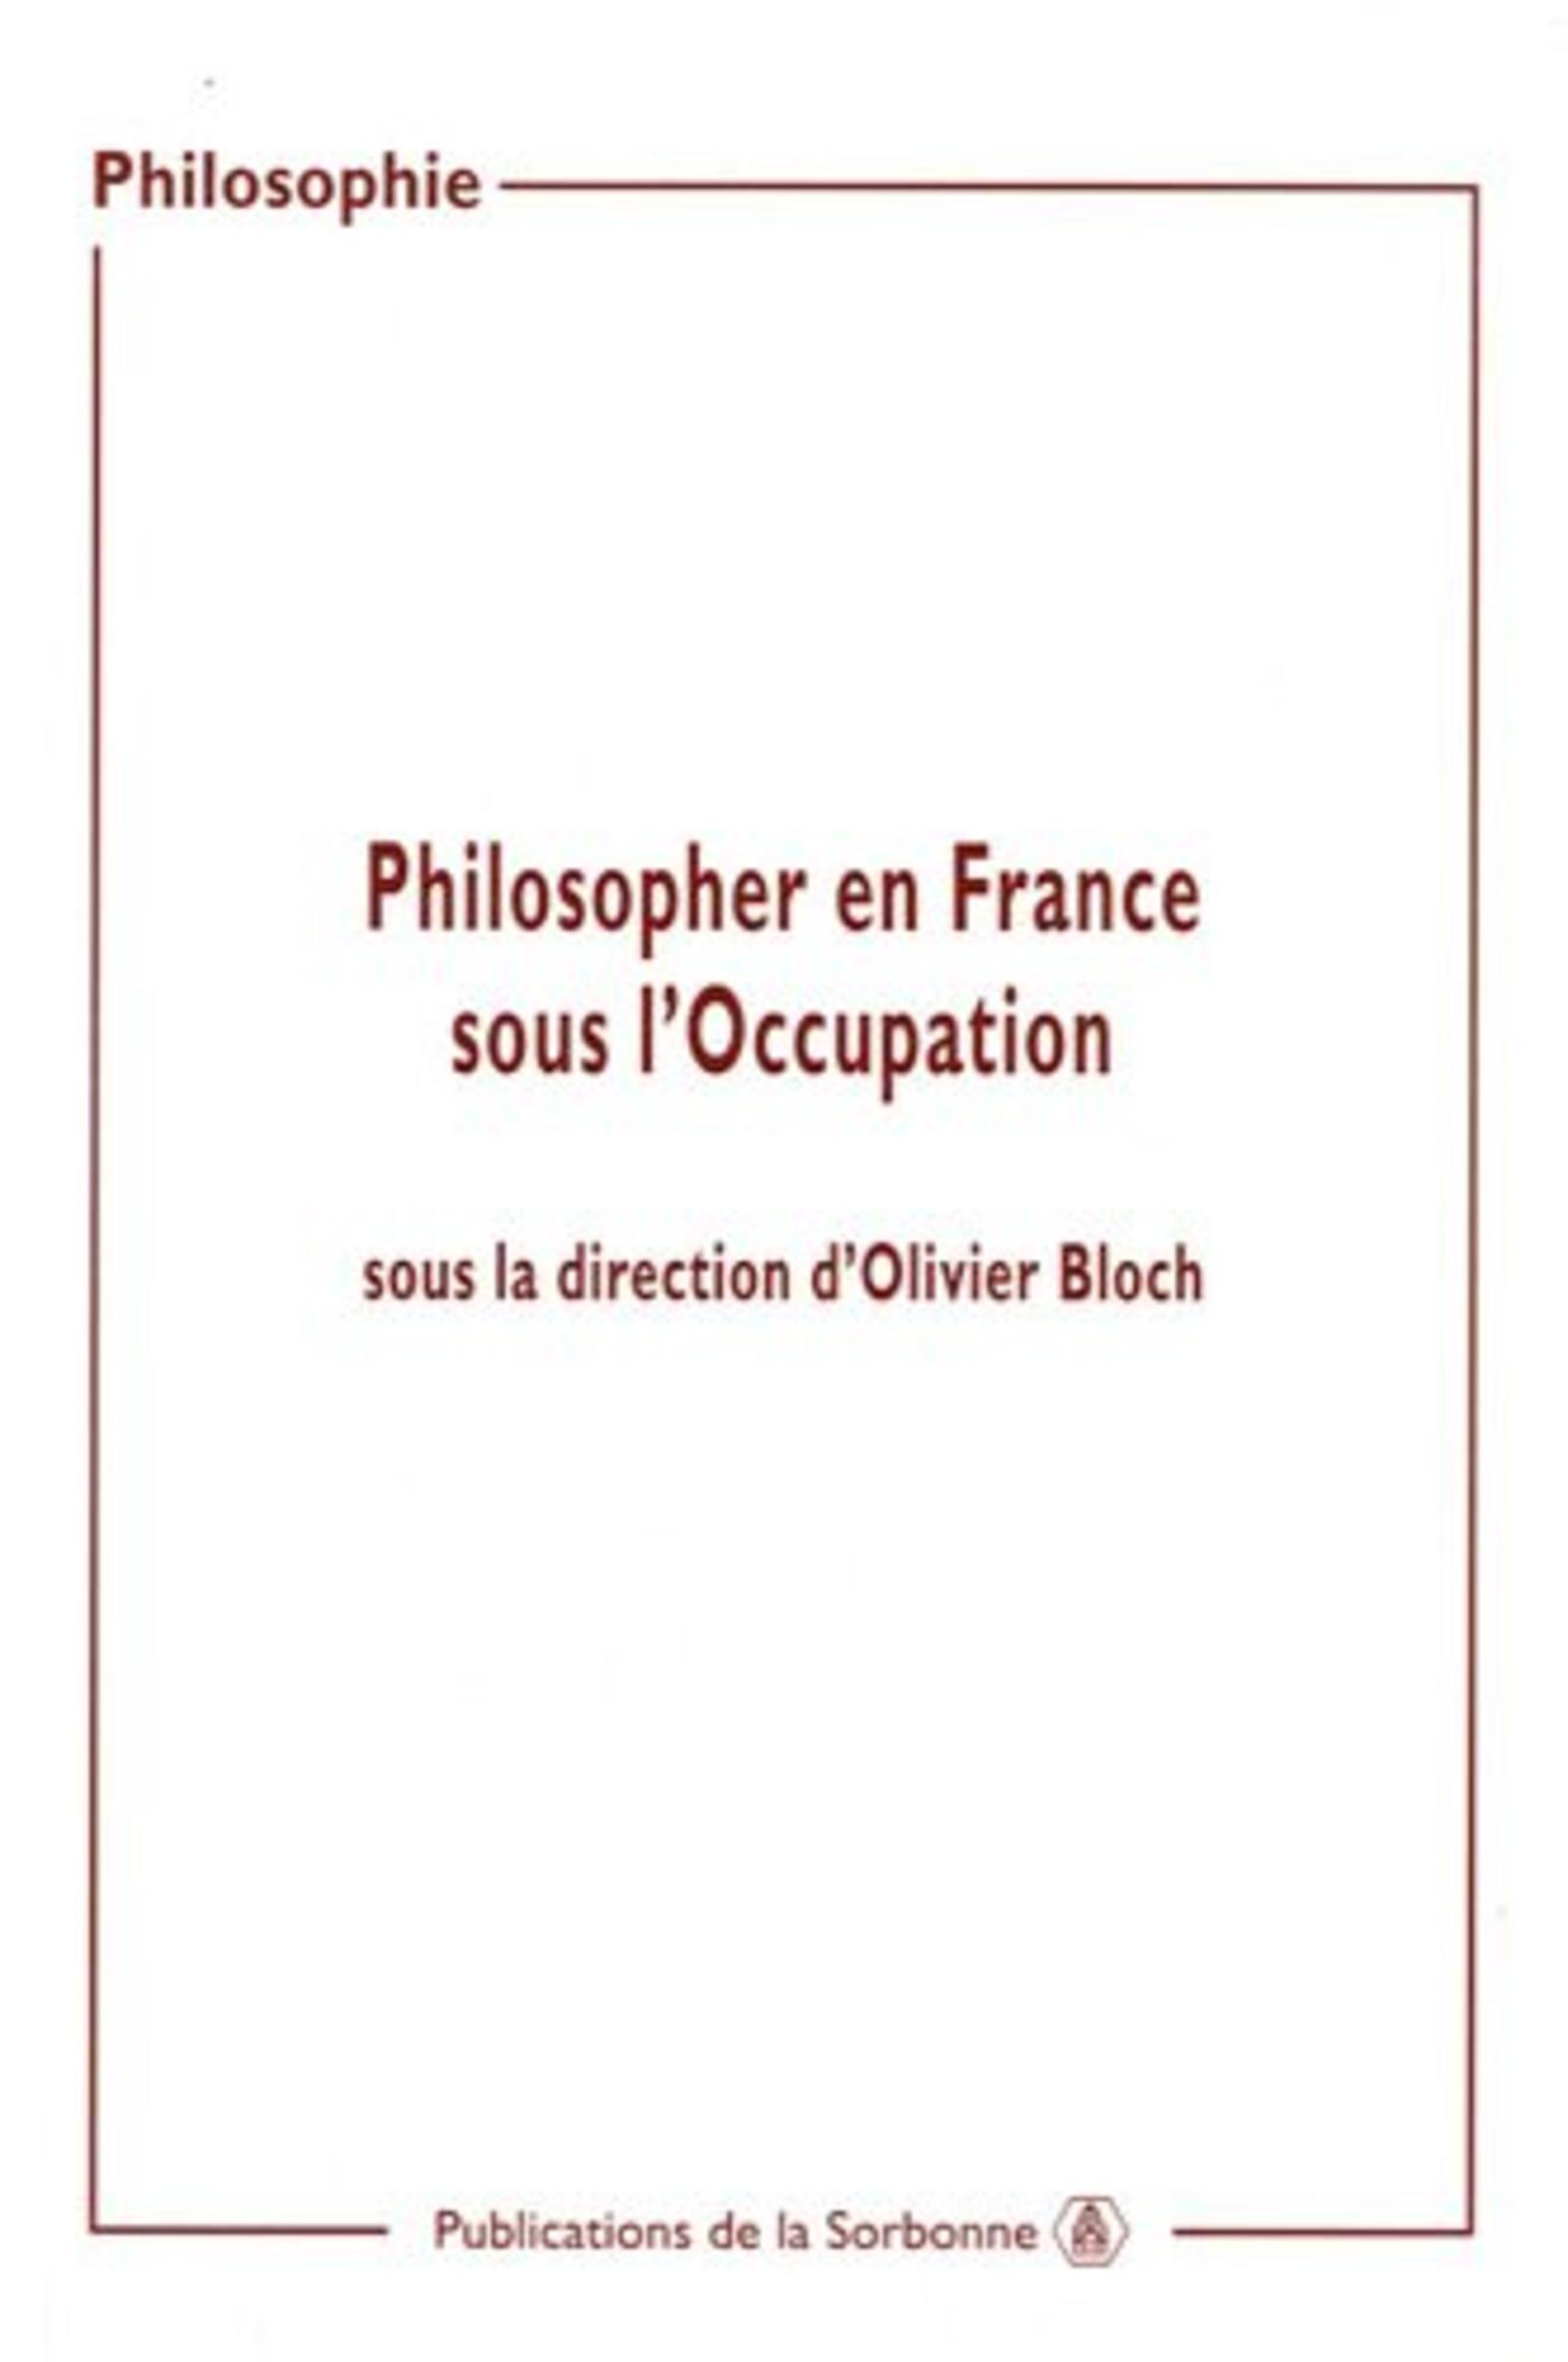 PHILOSOPHER EN FRANCE SOUS L'OCCUPATION ACTES DES JOURNEES D'ETUDES ORGANISEES A LA SORBONNE,